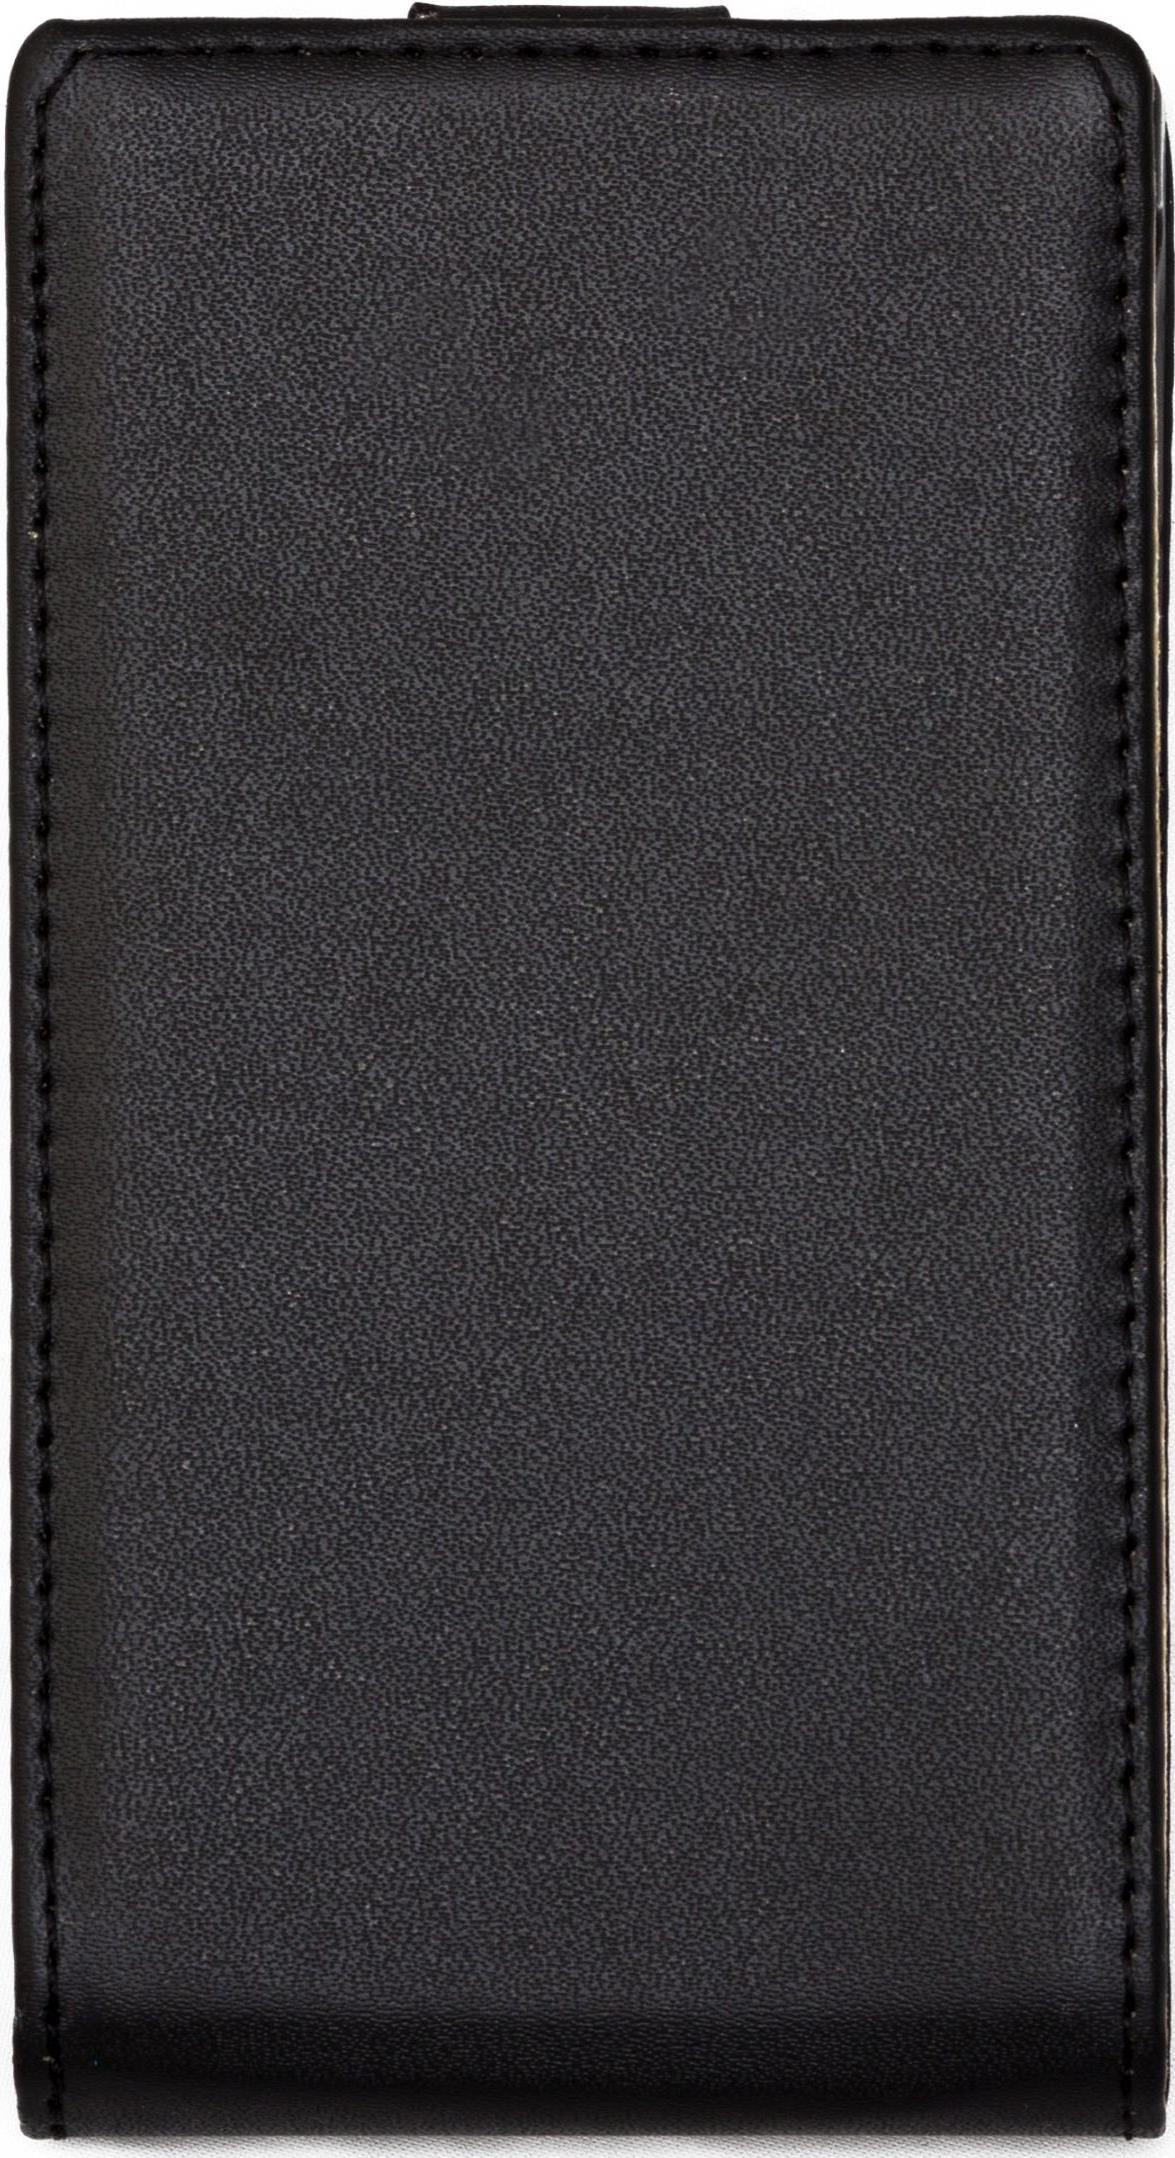 Чехол для сотового телефона skinBOX 4People, 4630042526129, черный стоимость